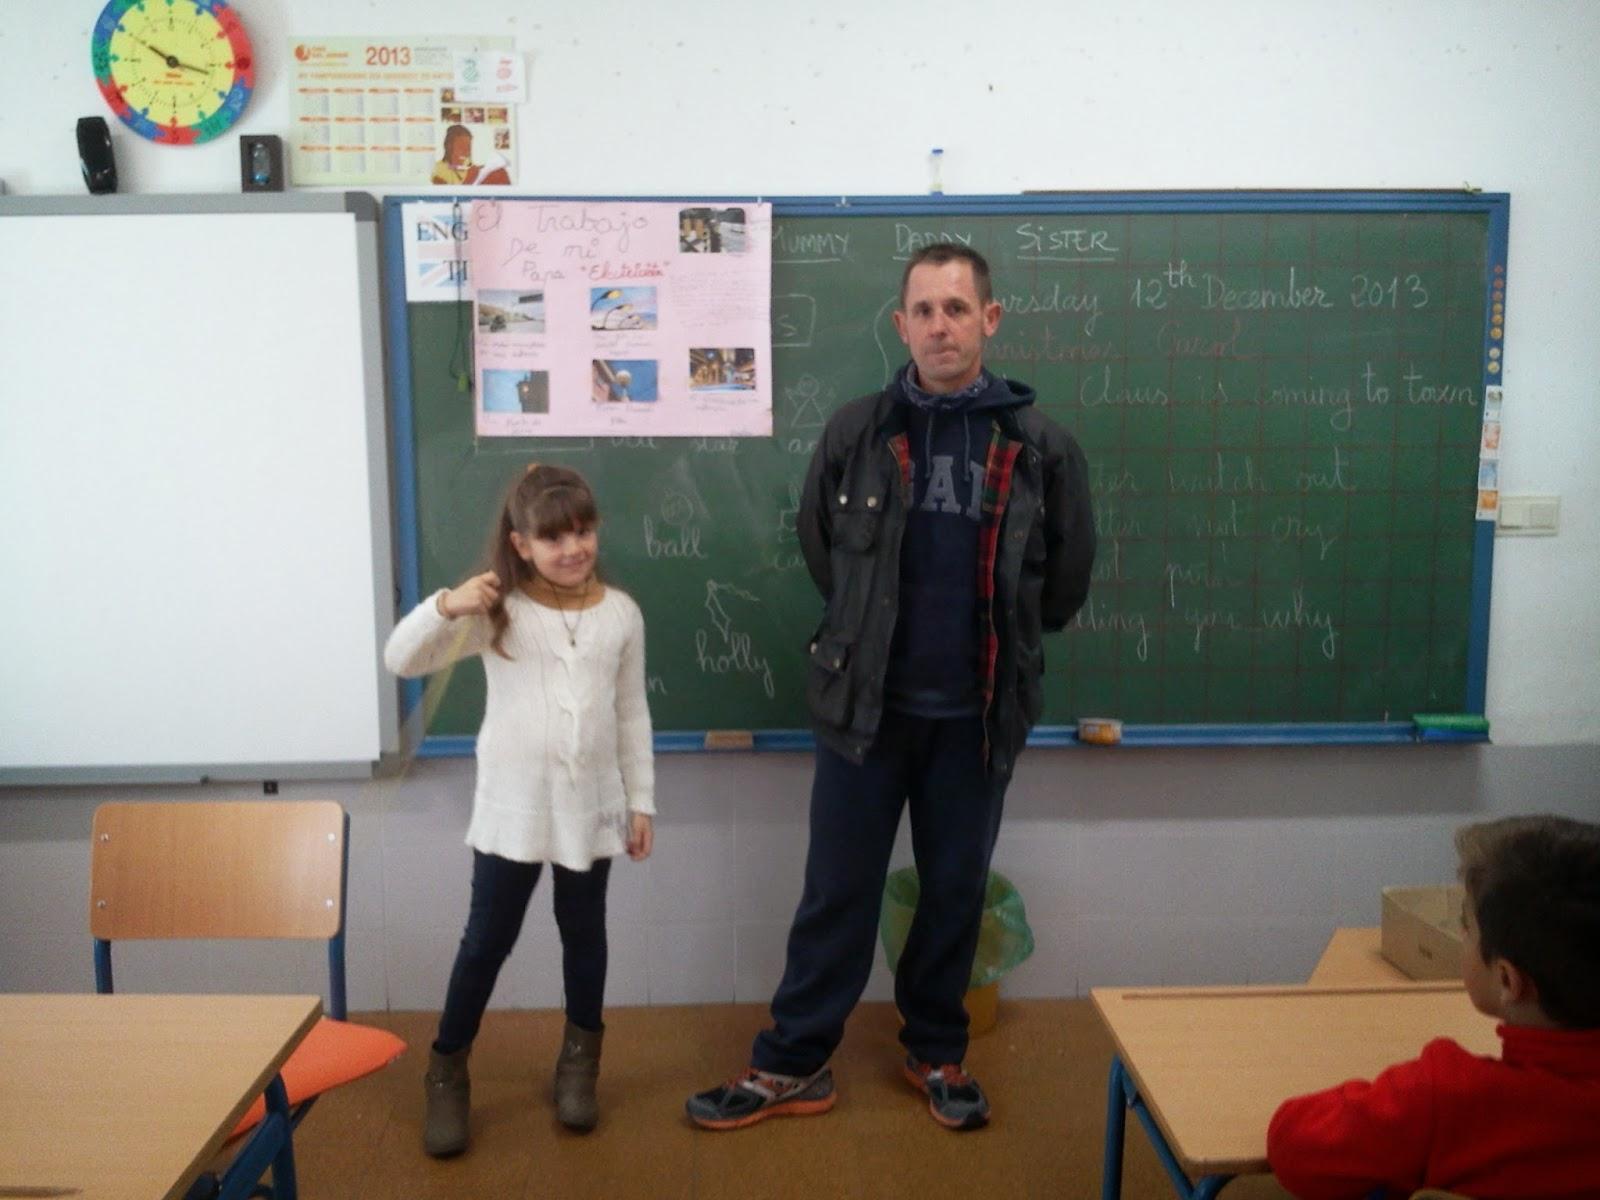 Ceip el zargal second grade a el trabajo de mi pap for Trabajo de electricista en malaga